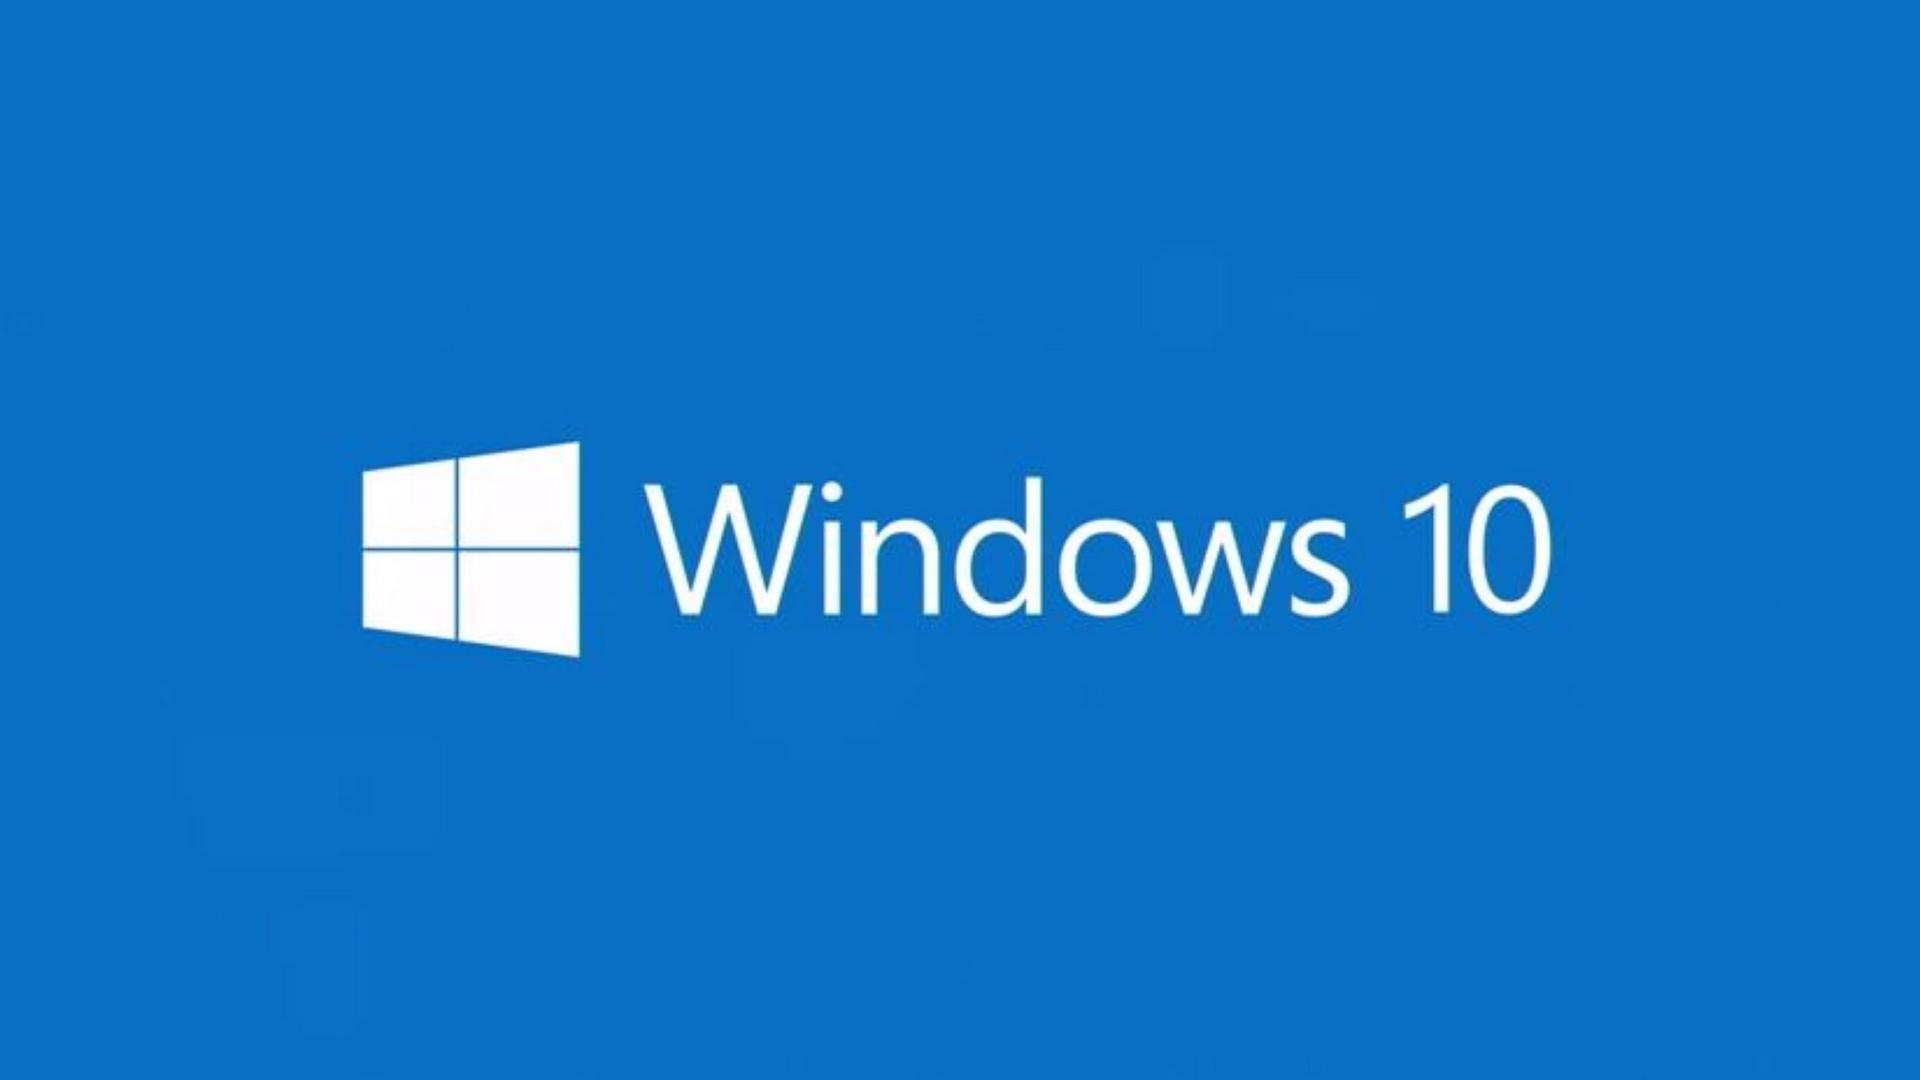 Download Wallpaper Windows 10 1080p لم يسبق له مثيل الصور Tier3 Xyz